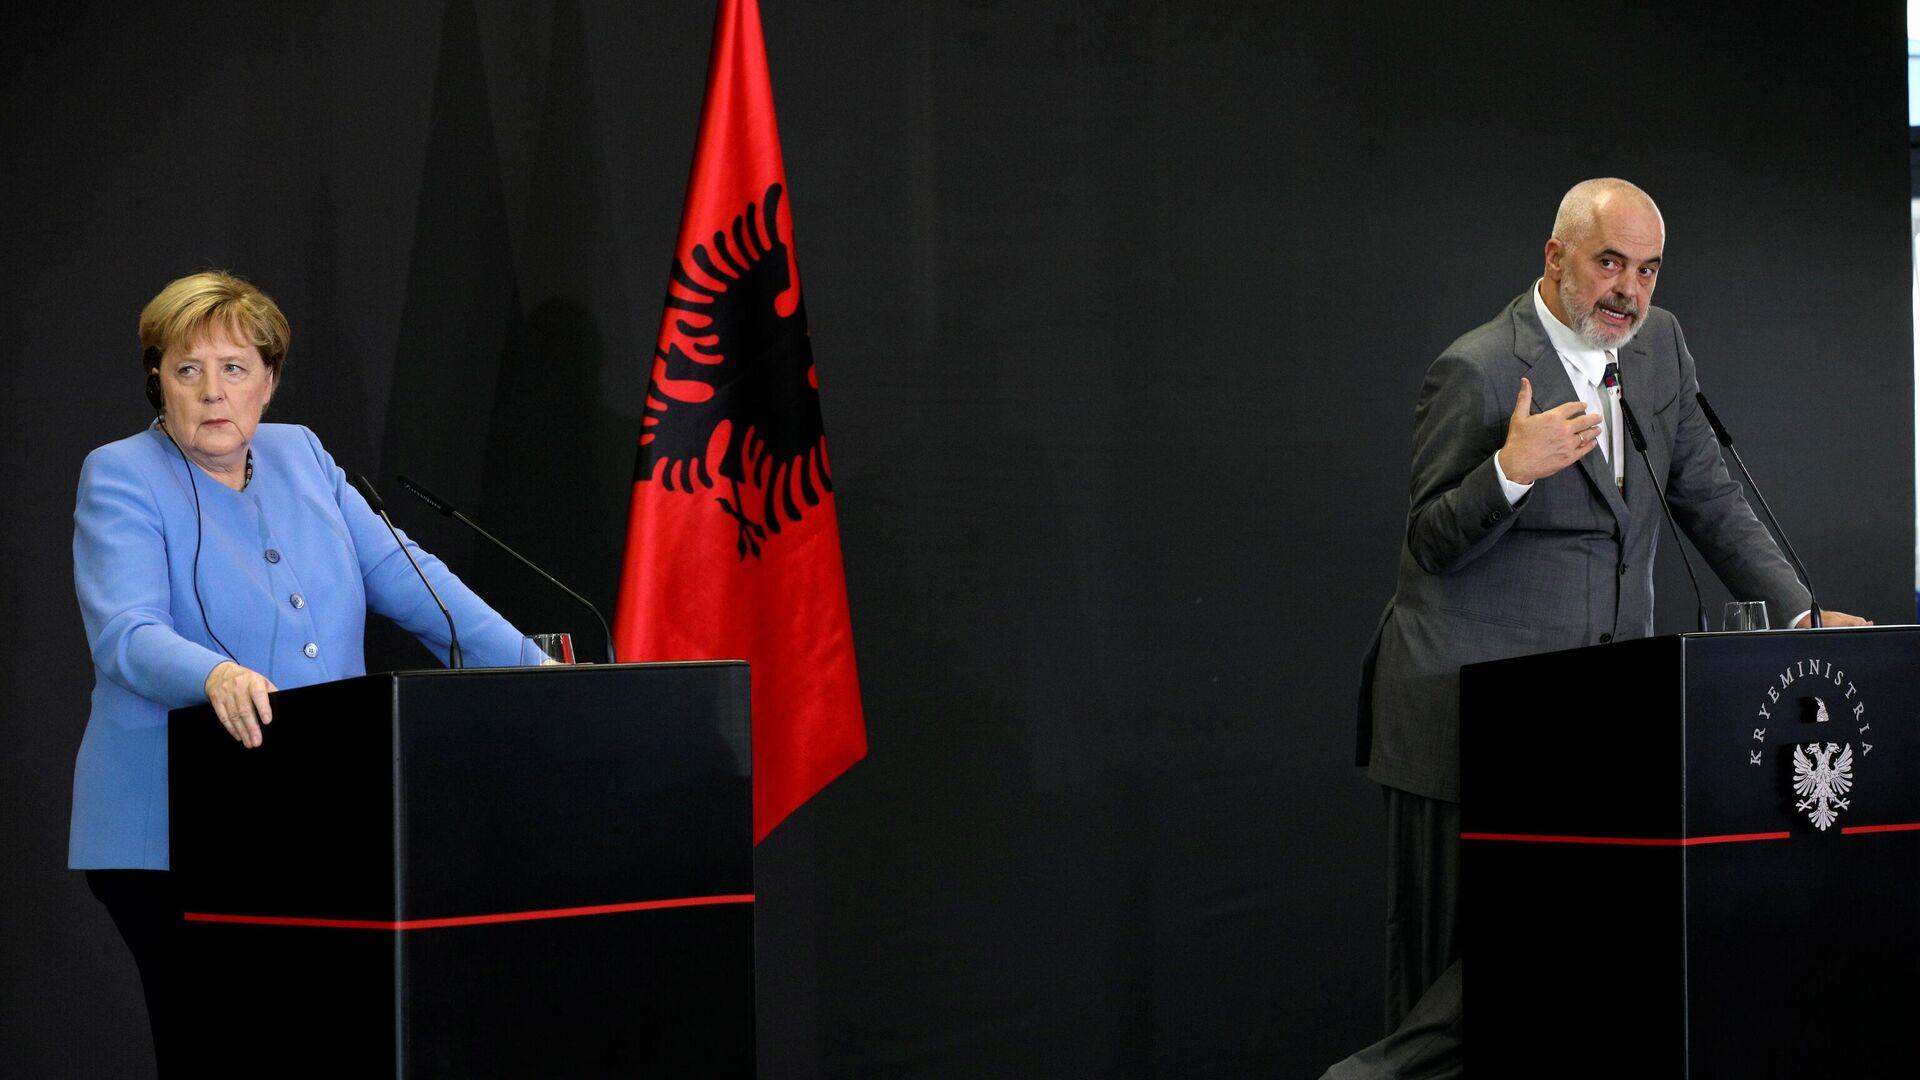 Немачка канцеларка Ангела Меркел и албански премијер Еди Рама - Sputnik Србија, 1920, 15.09.2021